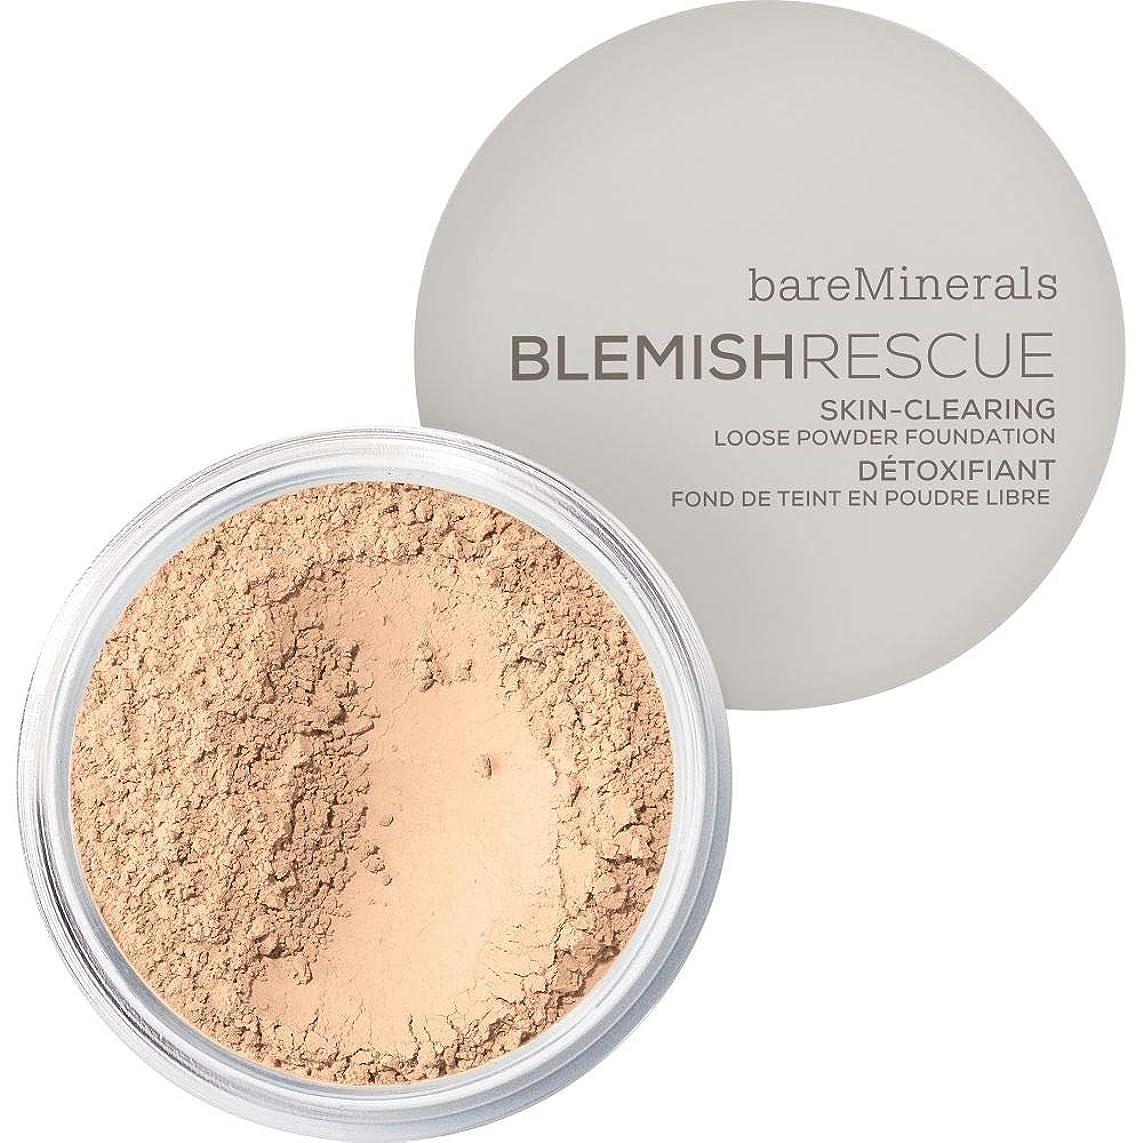 精度行商人扱う[bareMinerals ] かなり光 - ベアミネラルは、レスキュースキンクリア緩いパウダーファンデーション6グラム1Nwが傷 - bareMinerals Blemish Rescue Skin-Clearing Loose Powder Foundation 6g 1NW - Fairly Light [並行輸入品]